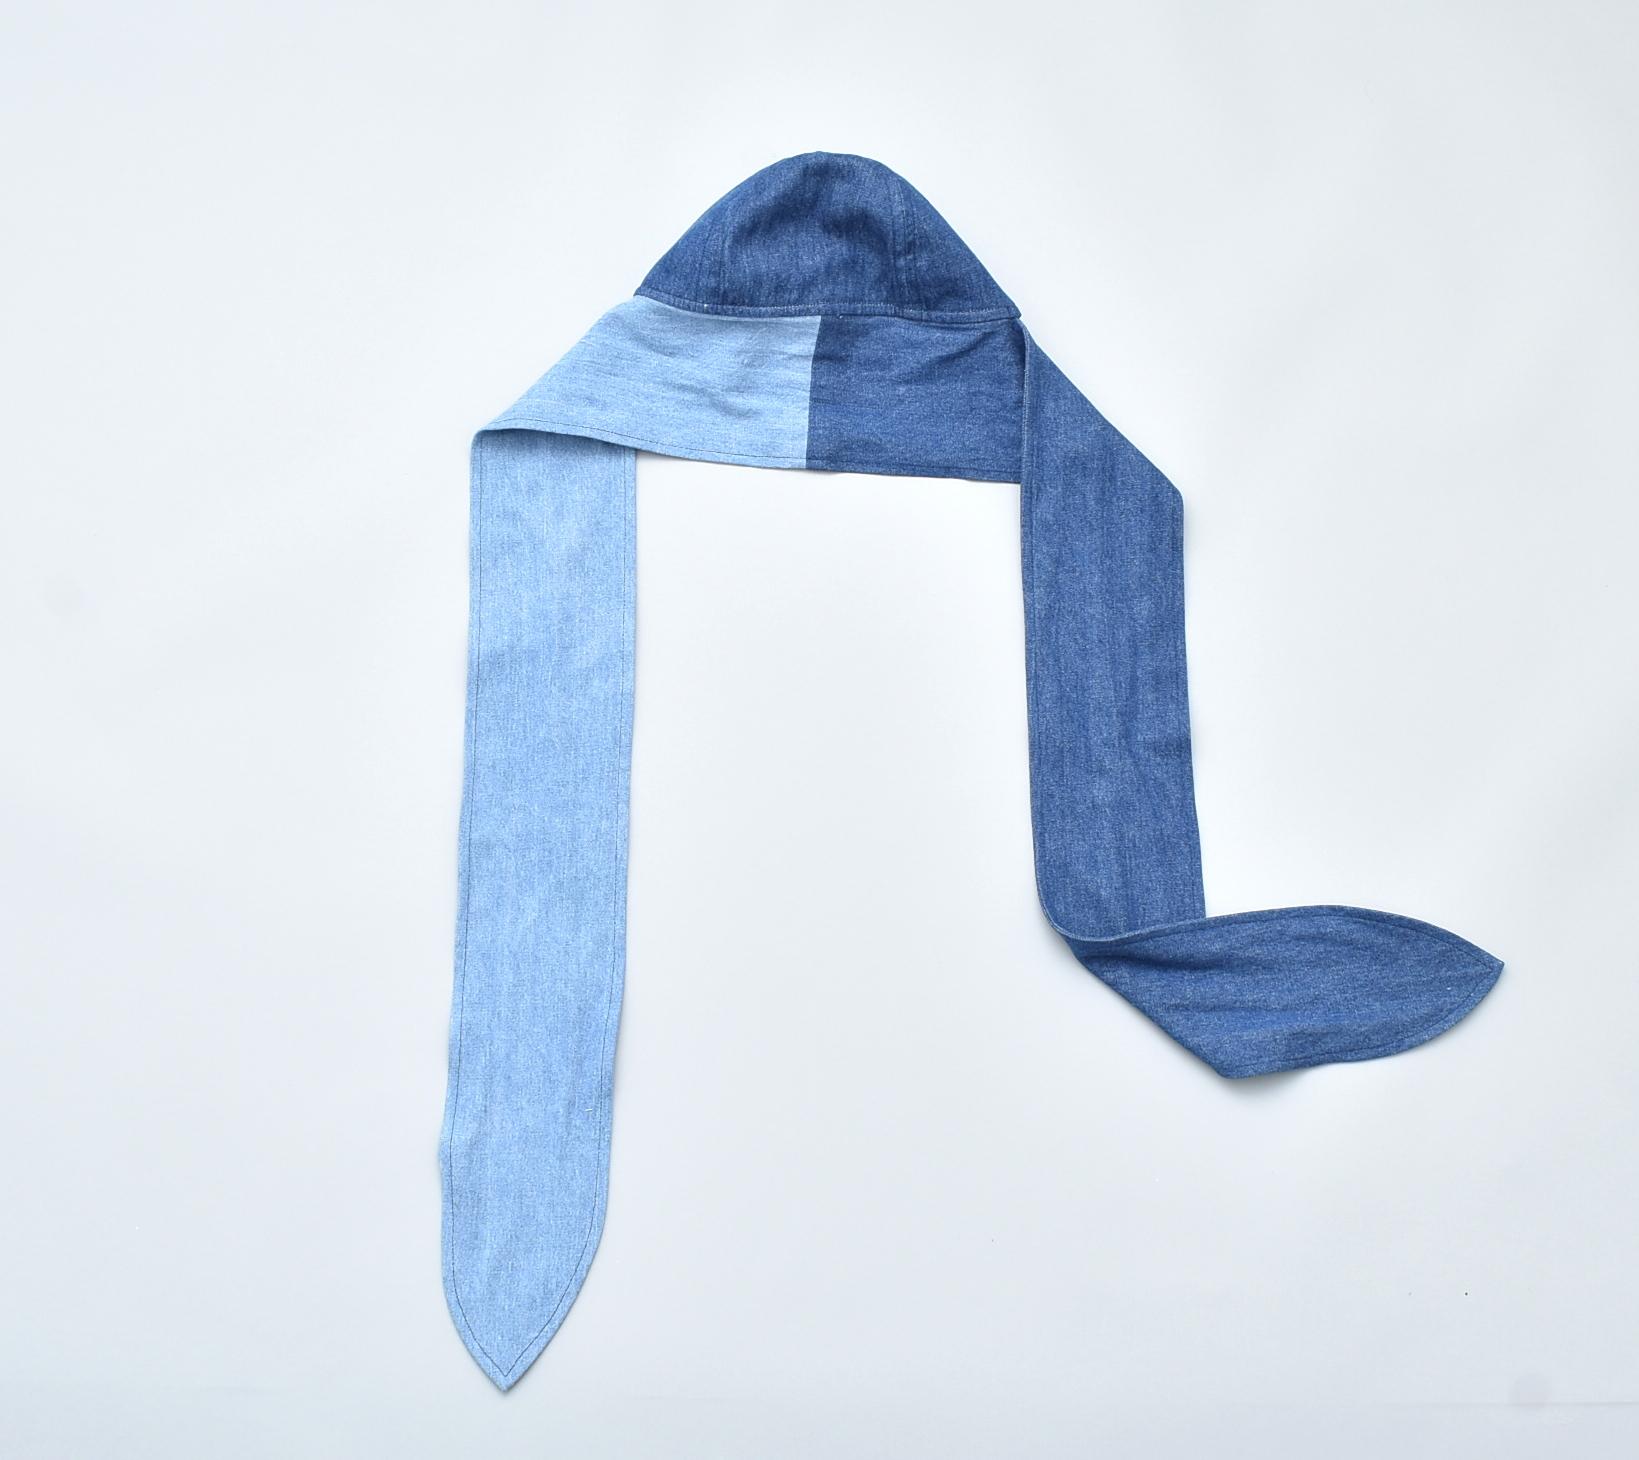 69 (SIXTY NINE) 「WRAP HAT」